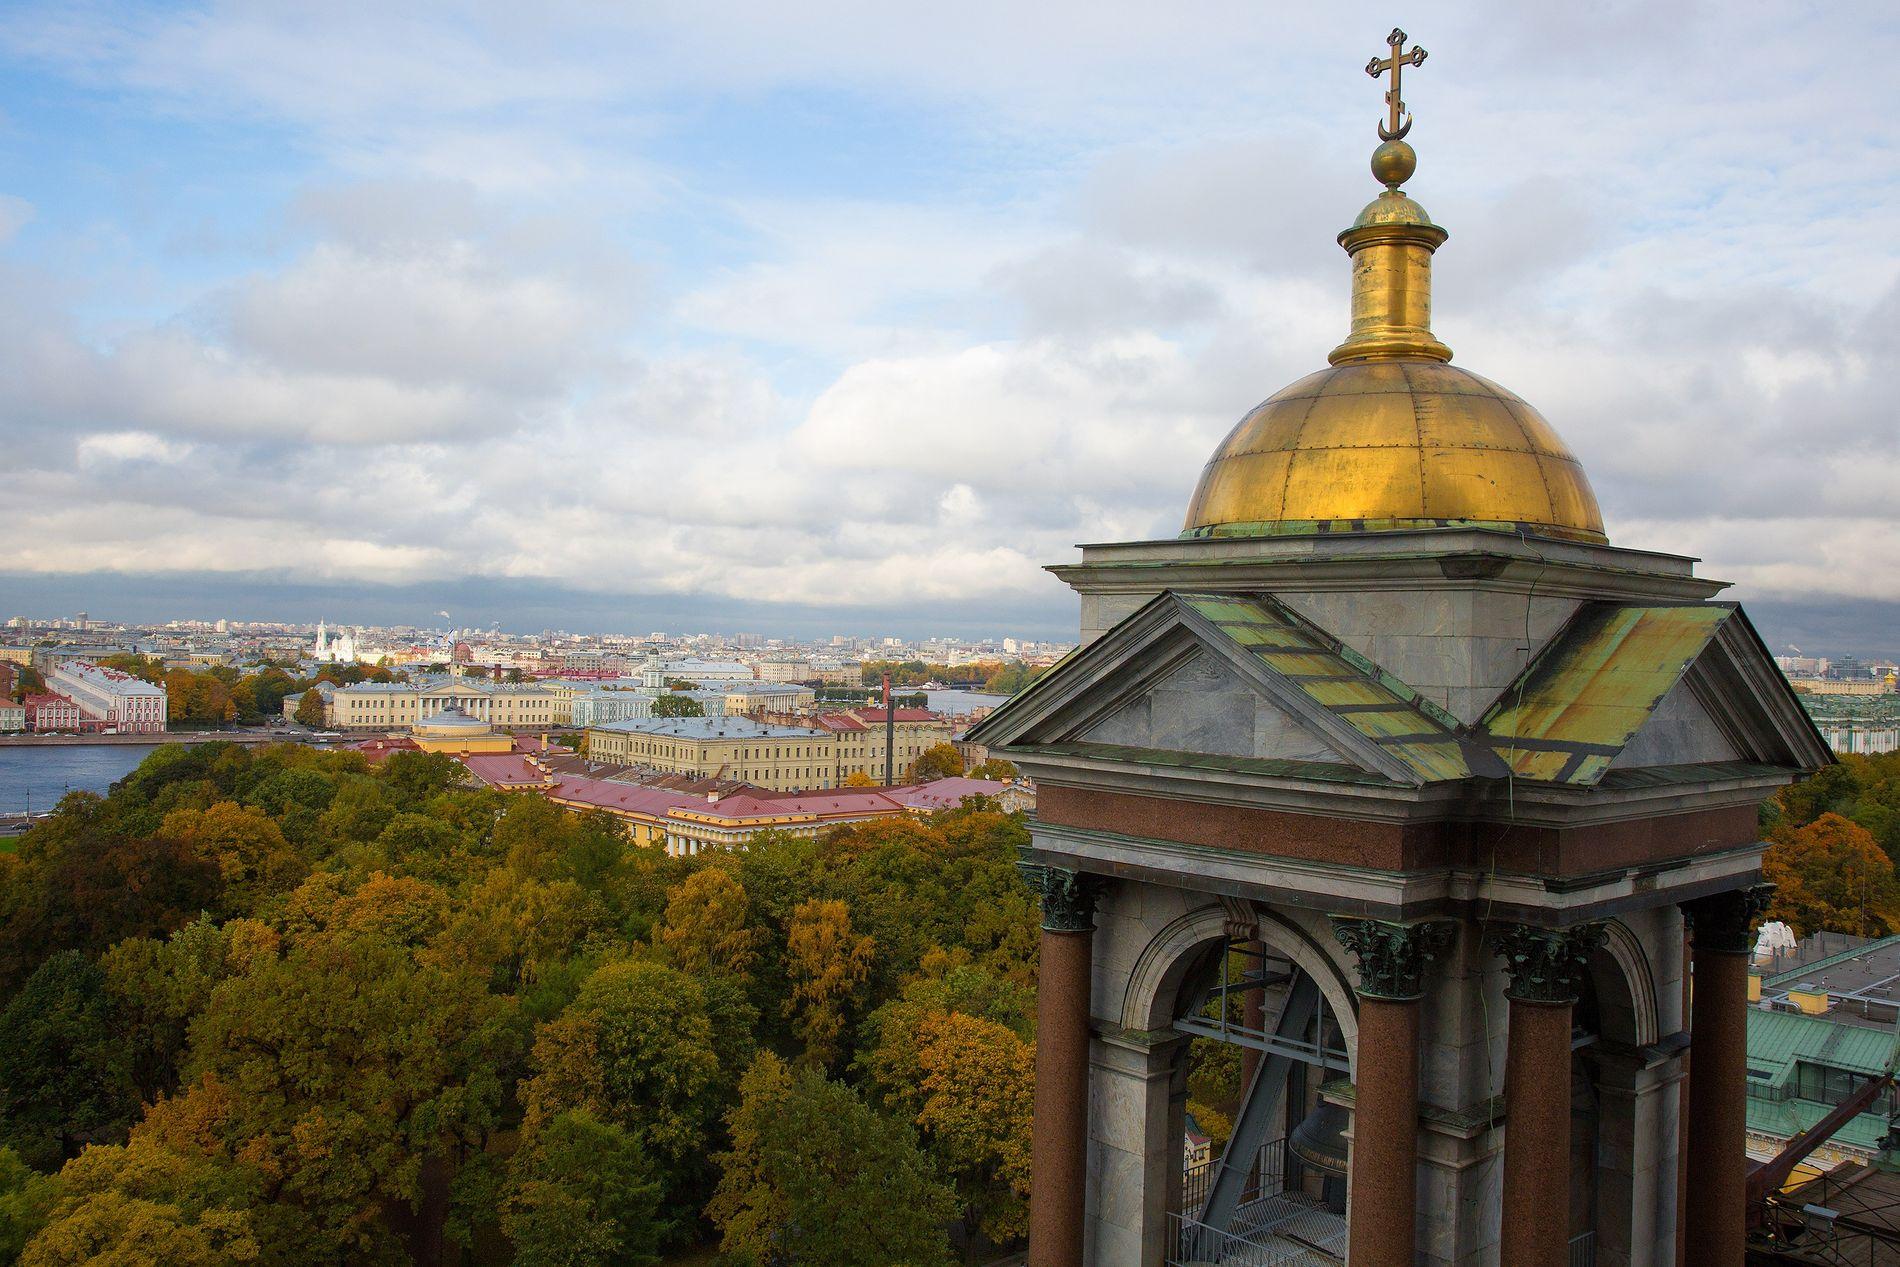 Cómo aprovechar 24 horas en San Petersburgo